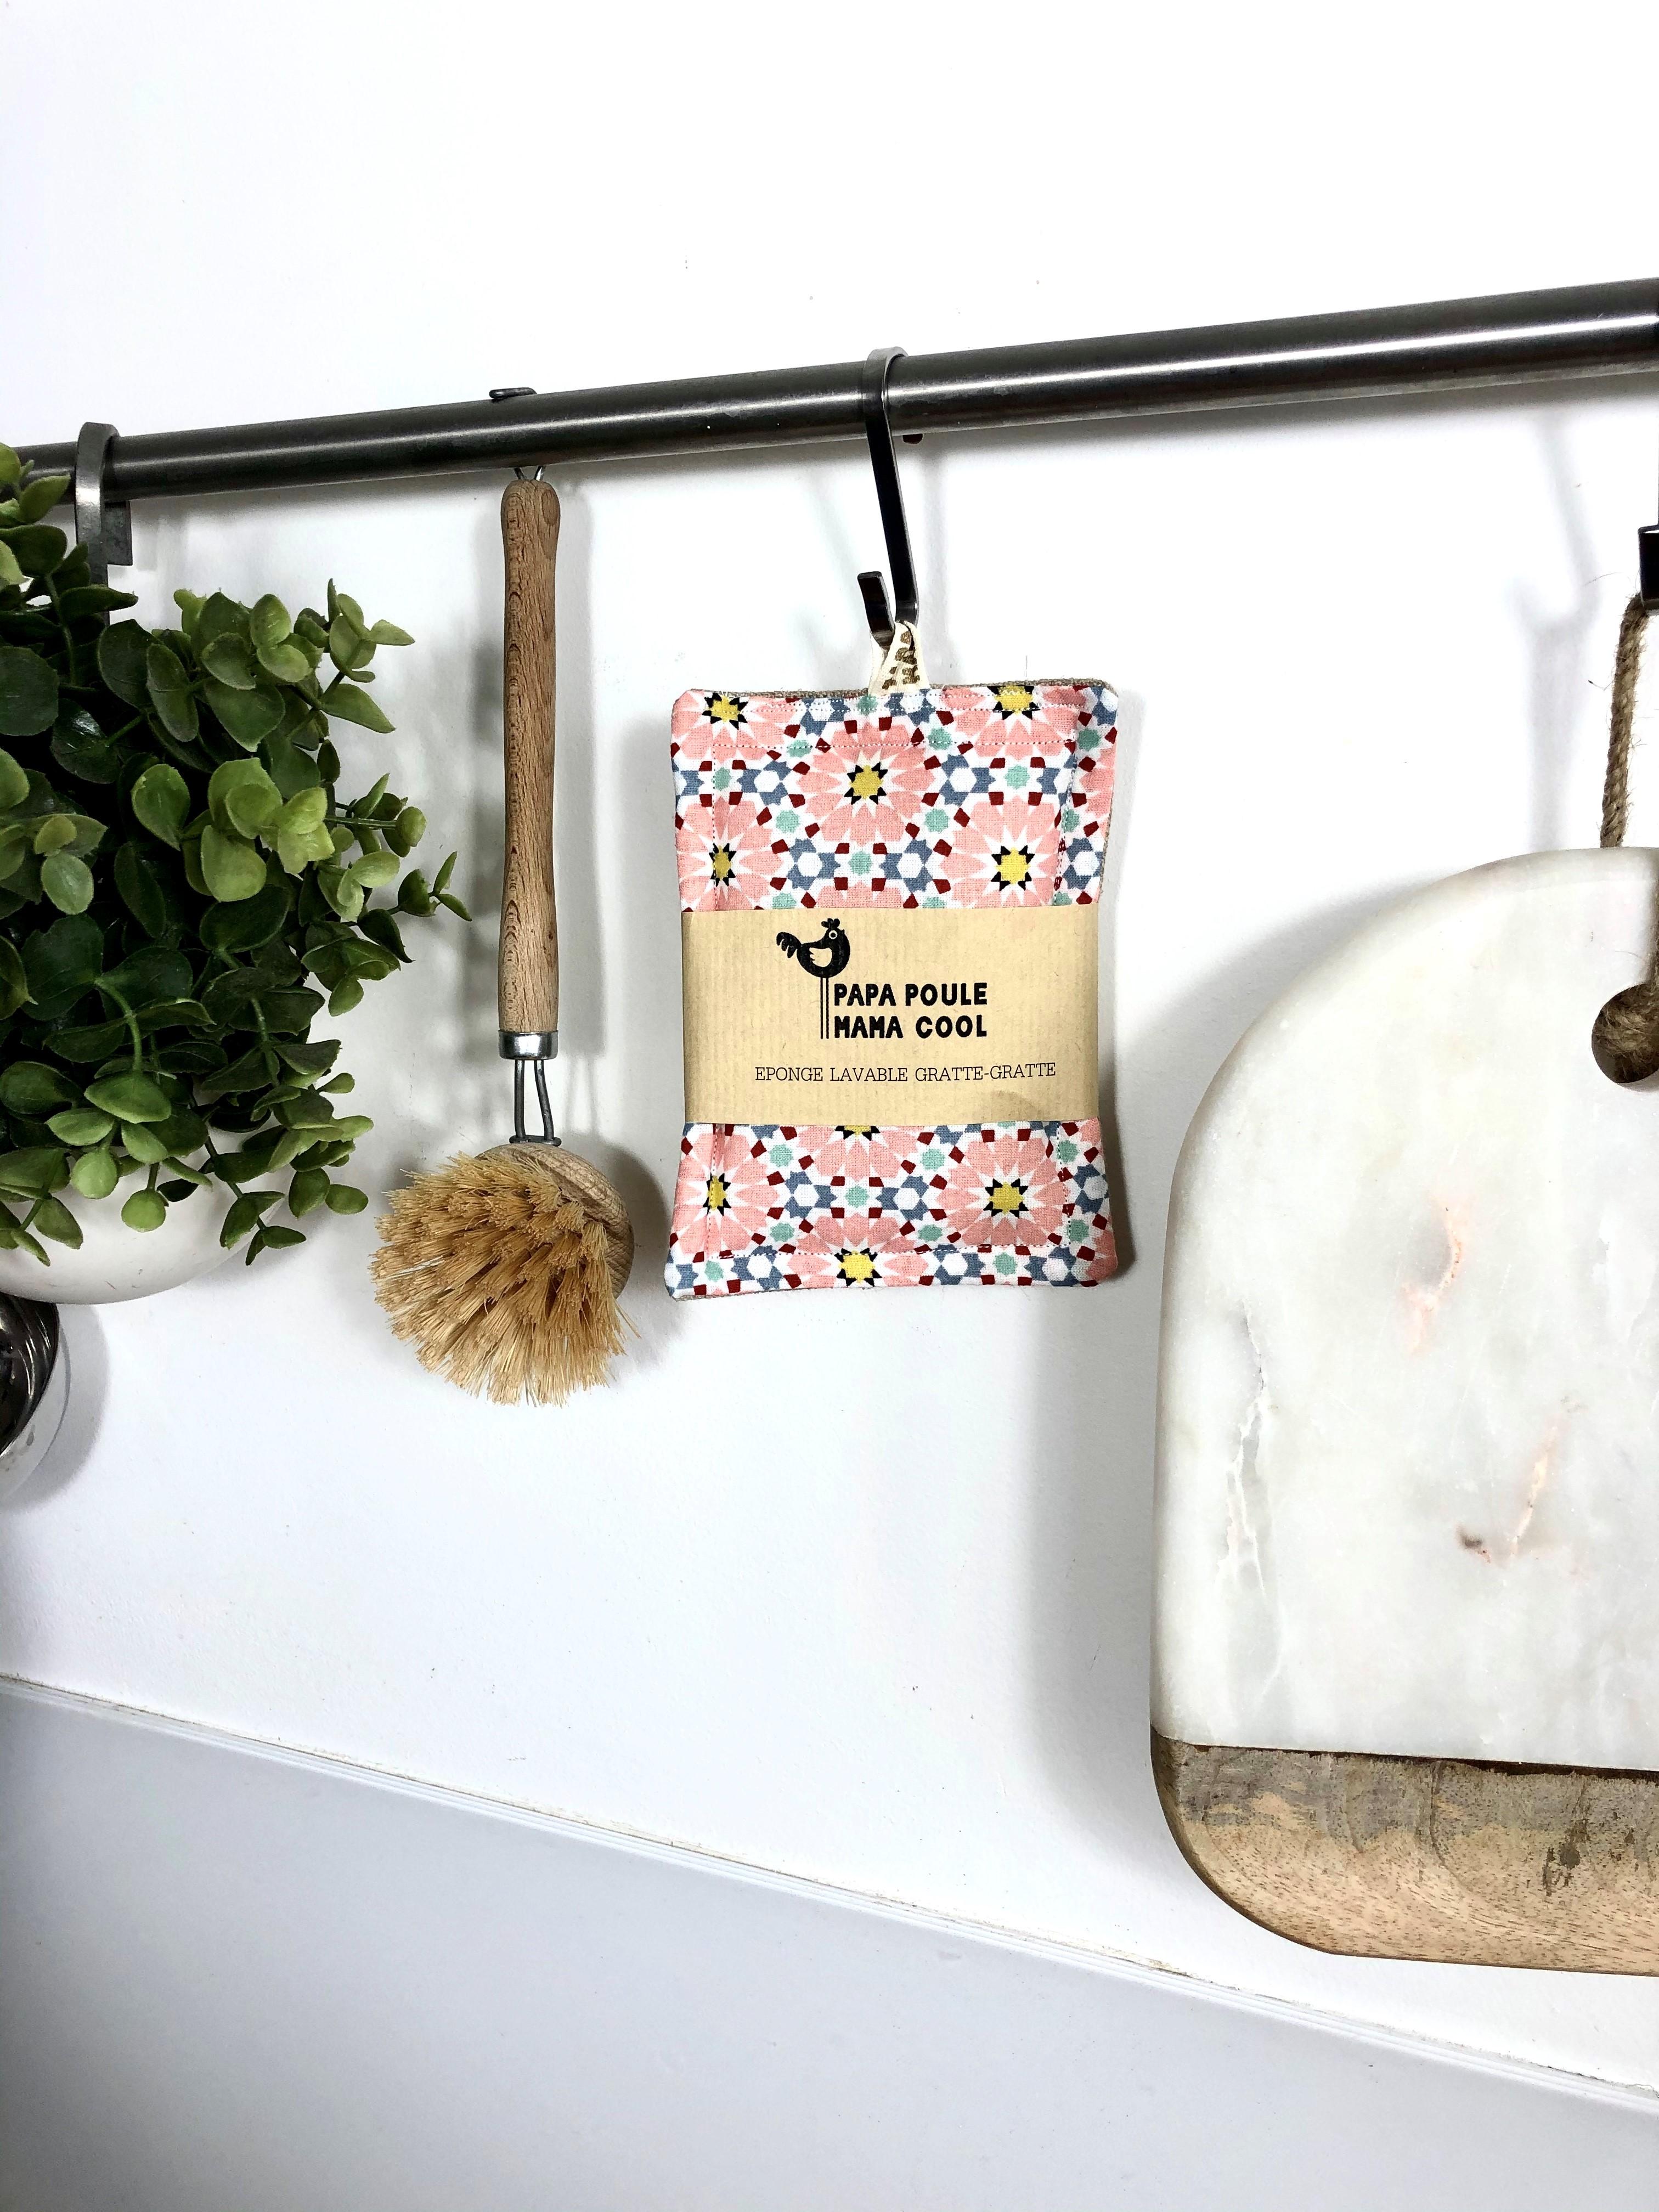 Eponge Gratte-Gratte lavable réutilisable